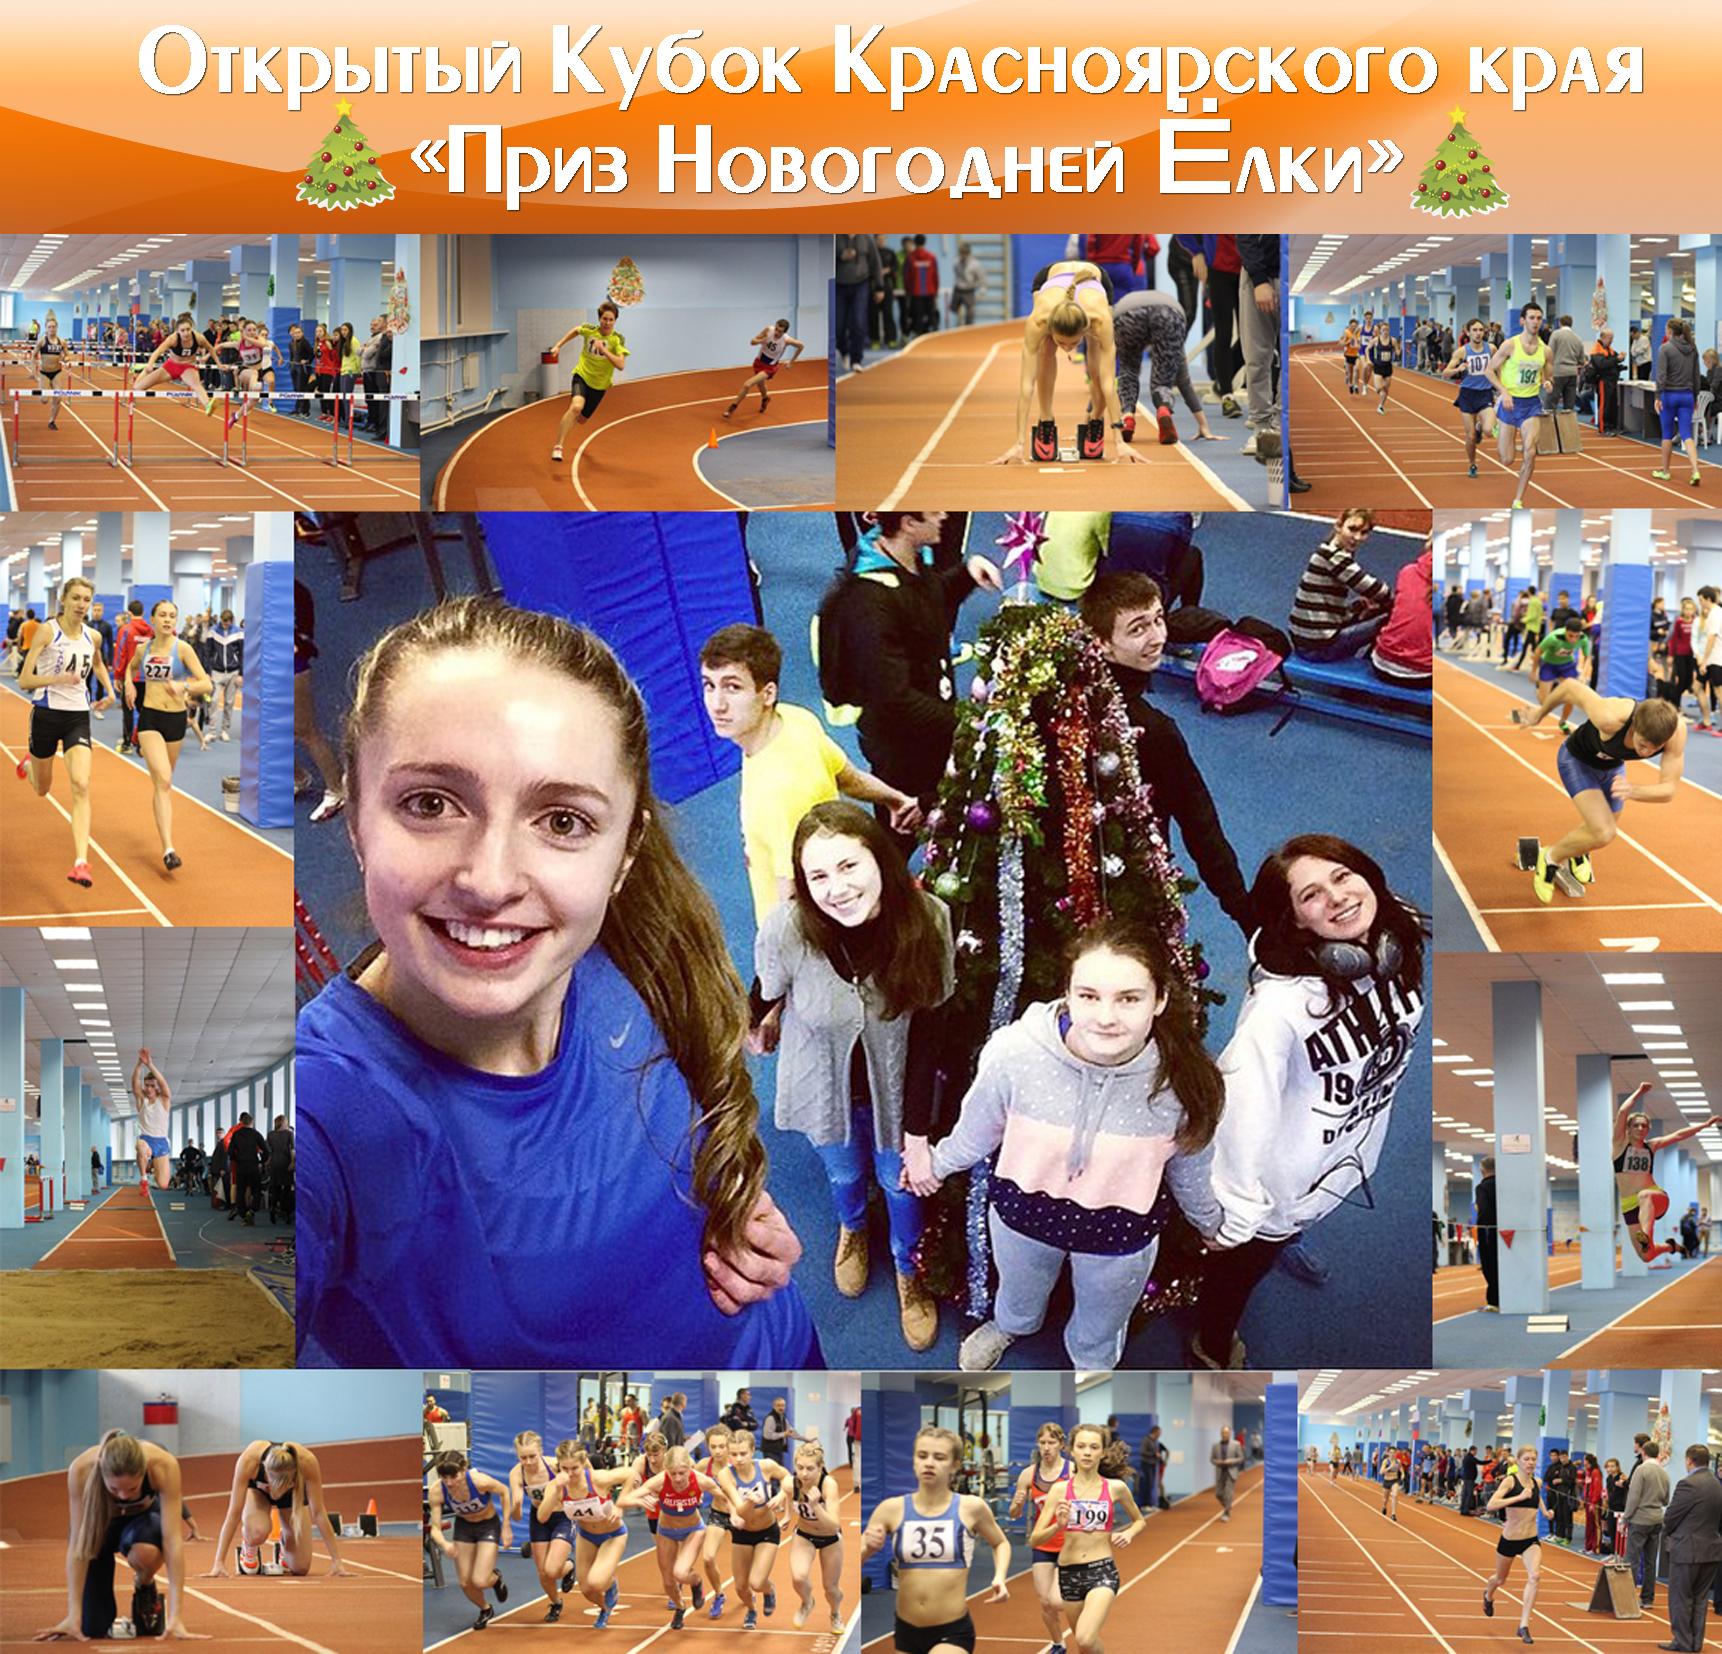 участница новогоднего легкоатлетического флешмоба #ПризНовогоднейЕлки Екатерина Расторгуева и ее друзья